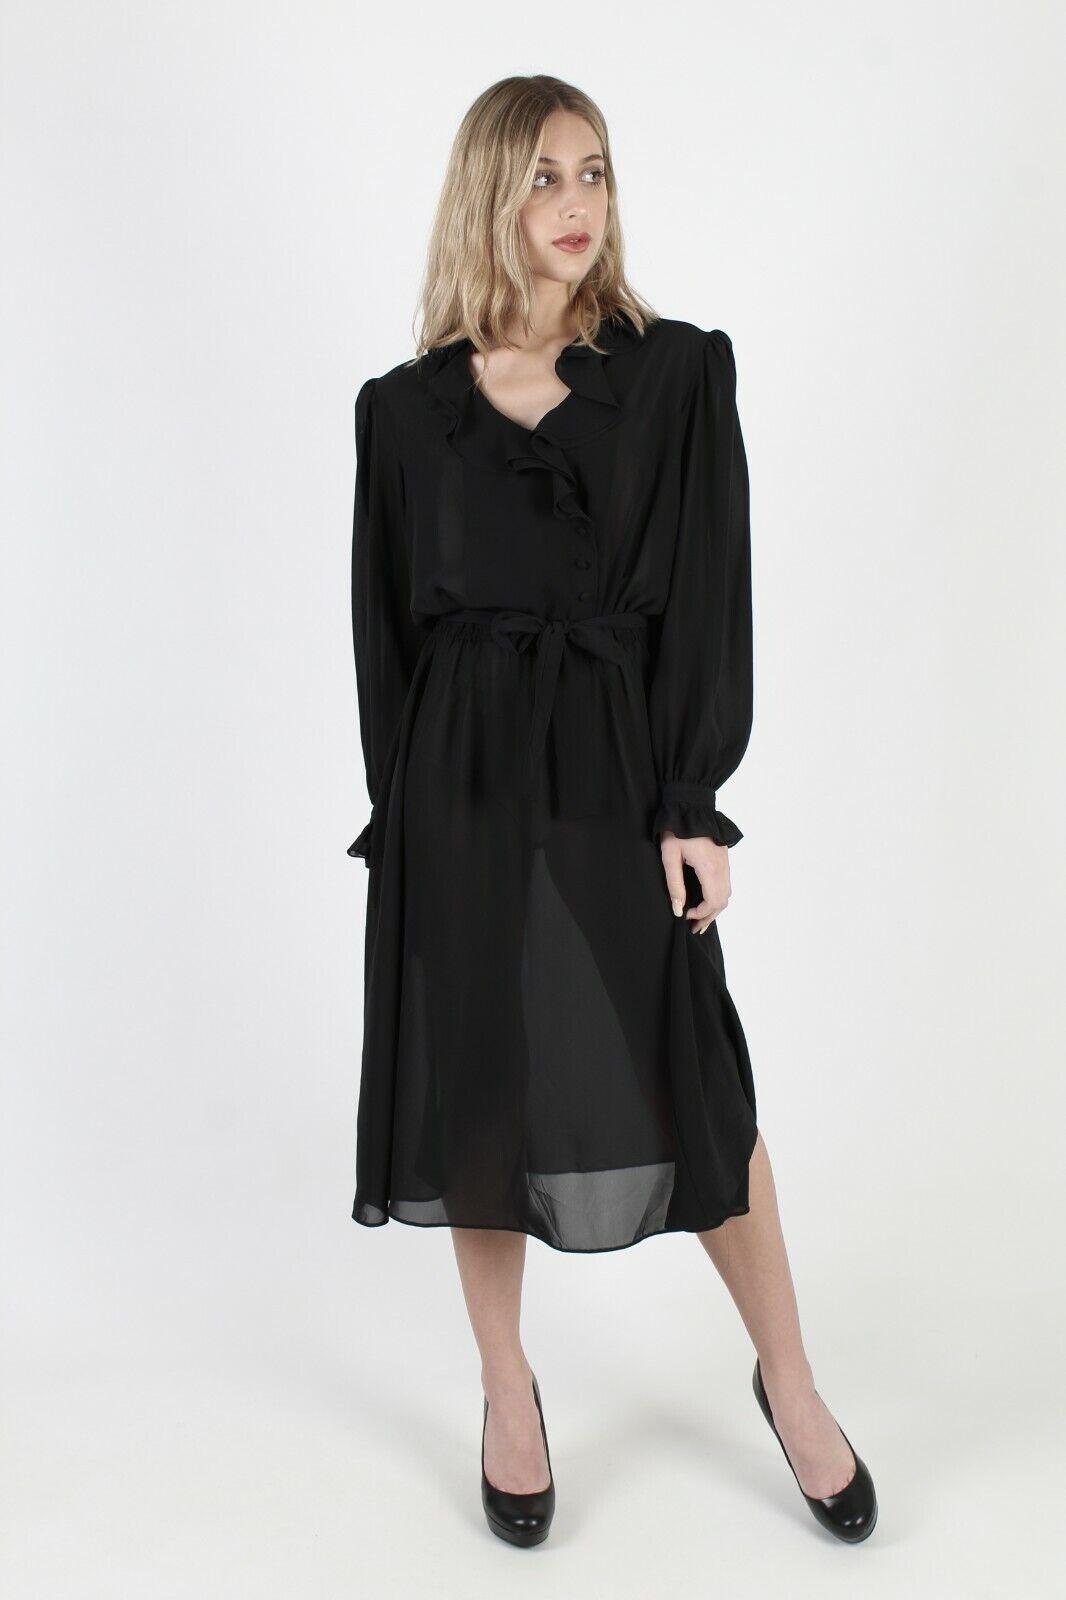 Vtg 80s Black Tuxedo Dress Sheer Ruffle Front Bel… - image 2